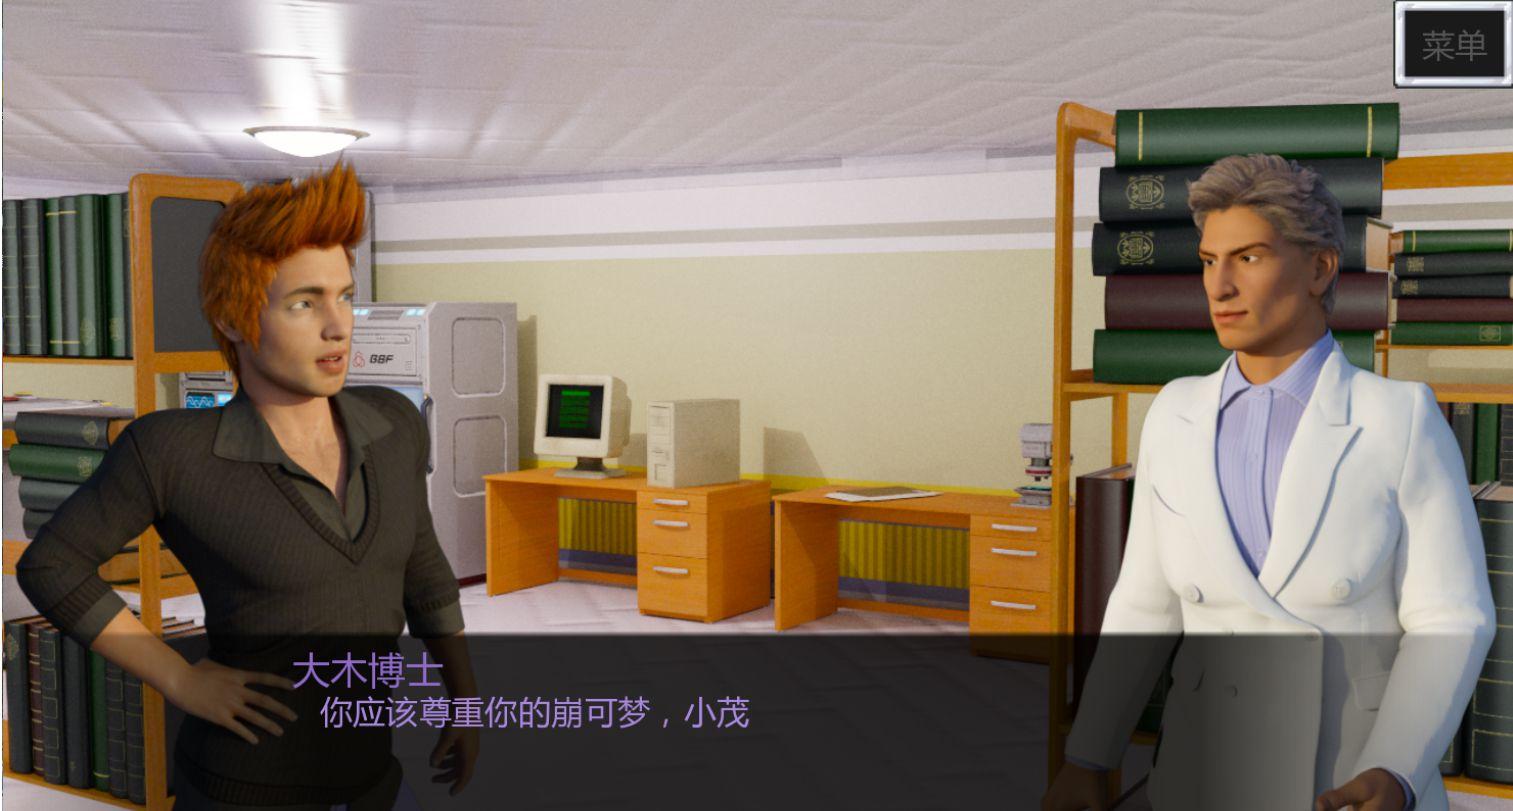 【西欧RPG/汉化/动态CG】协饿崩可梦·叶火中烧 V0.122 毁童年汉化版 【更新】